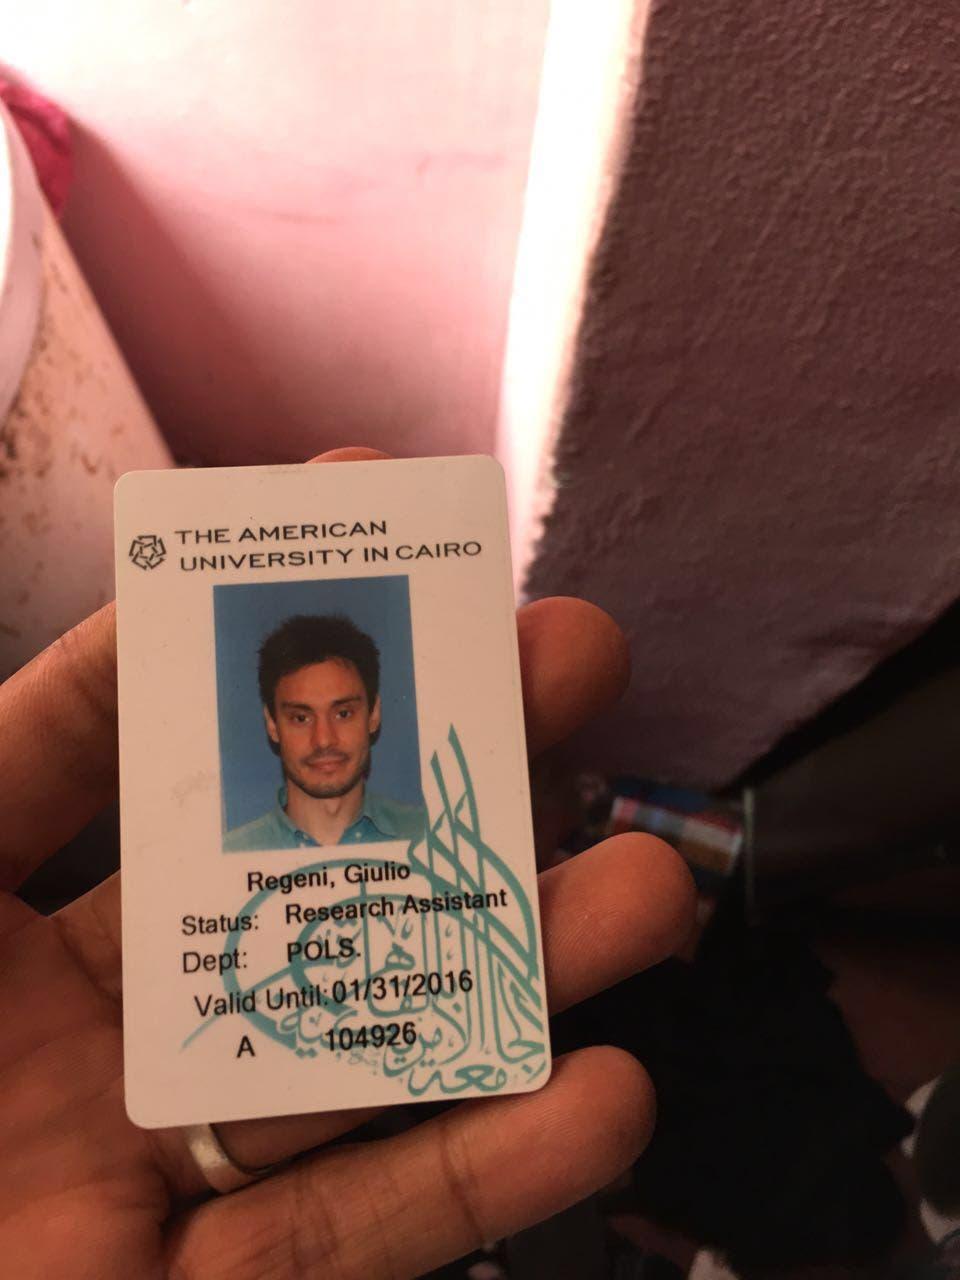 بطاقة الضحية الخاصة بالجامعة الأميركية في القاهرة